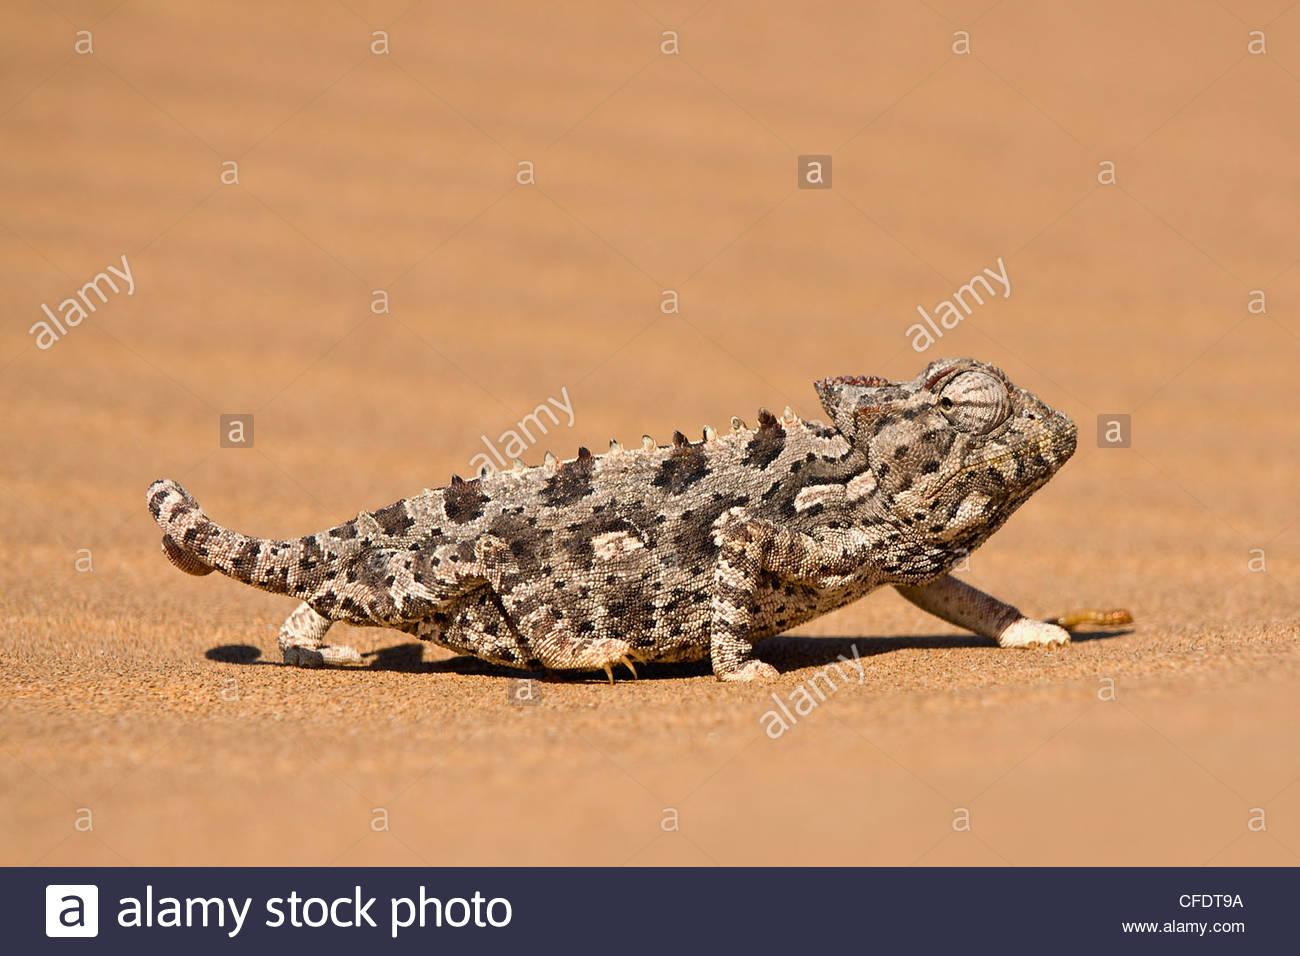 Namaqua chameleon (Chamaeleo namaquensis) walks on reddish sand dune, Namib Desert, Namibia, Africa - Stock Image